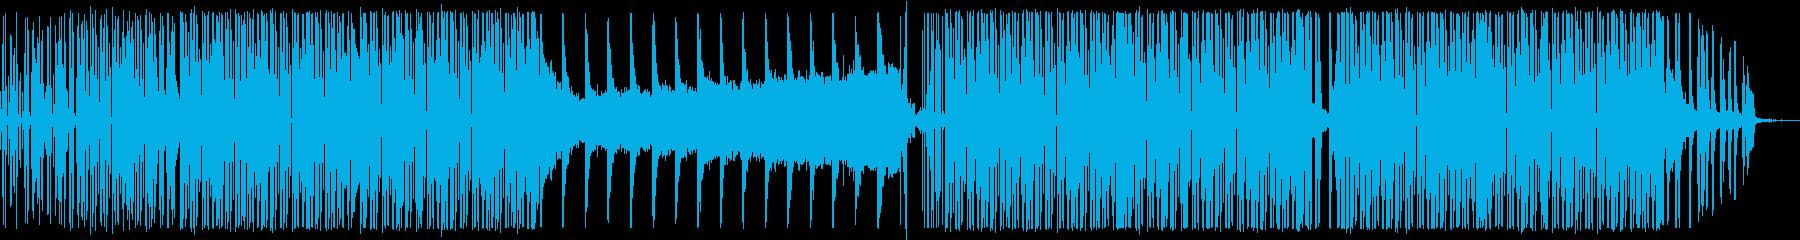 ニュース番組/事故/無機質なハウス音楽の再生済みの波形